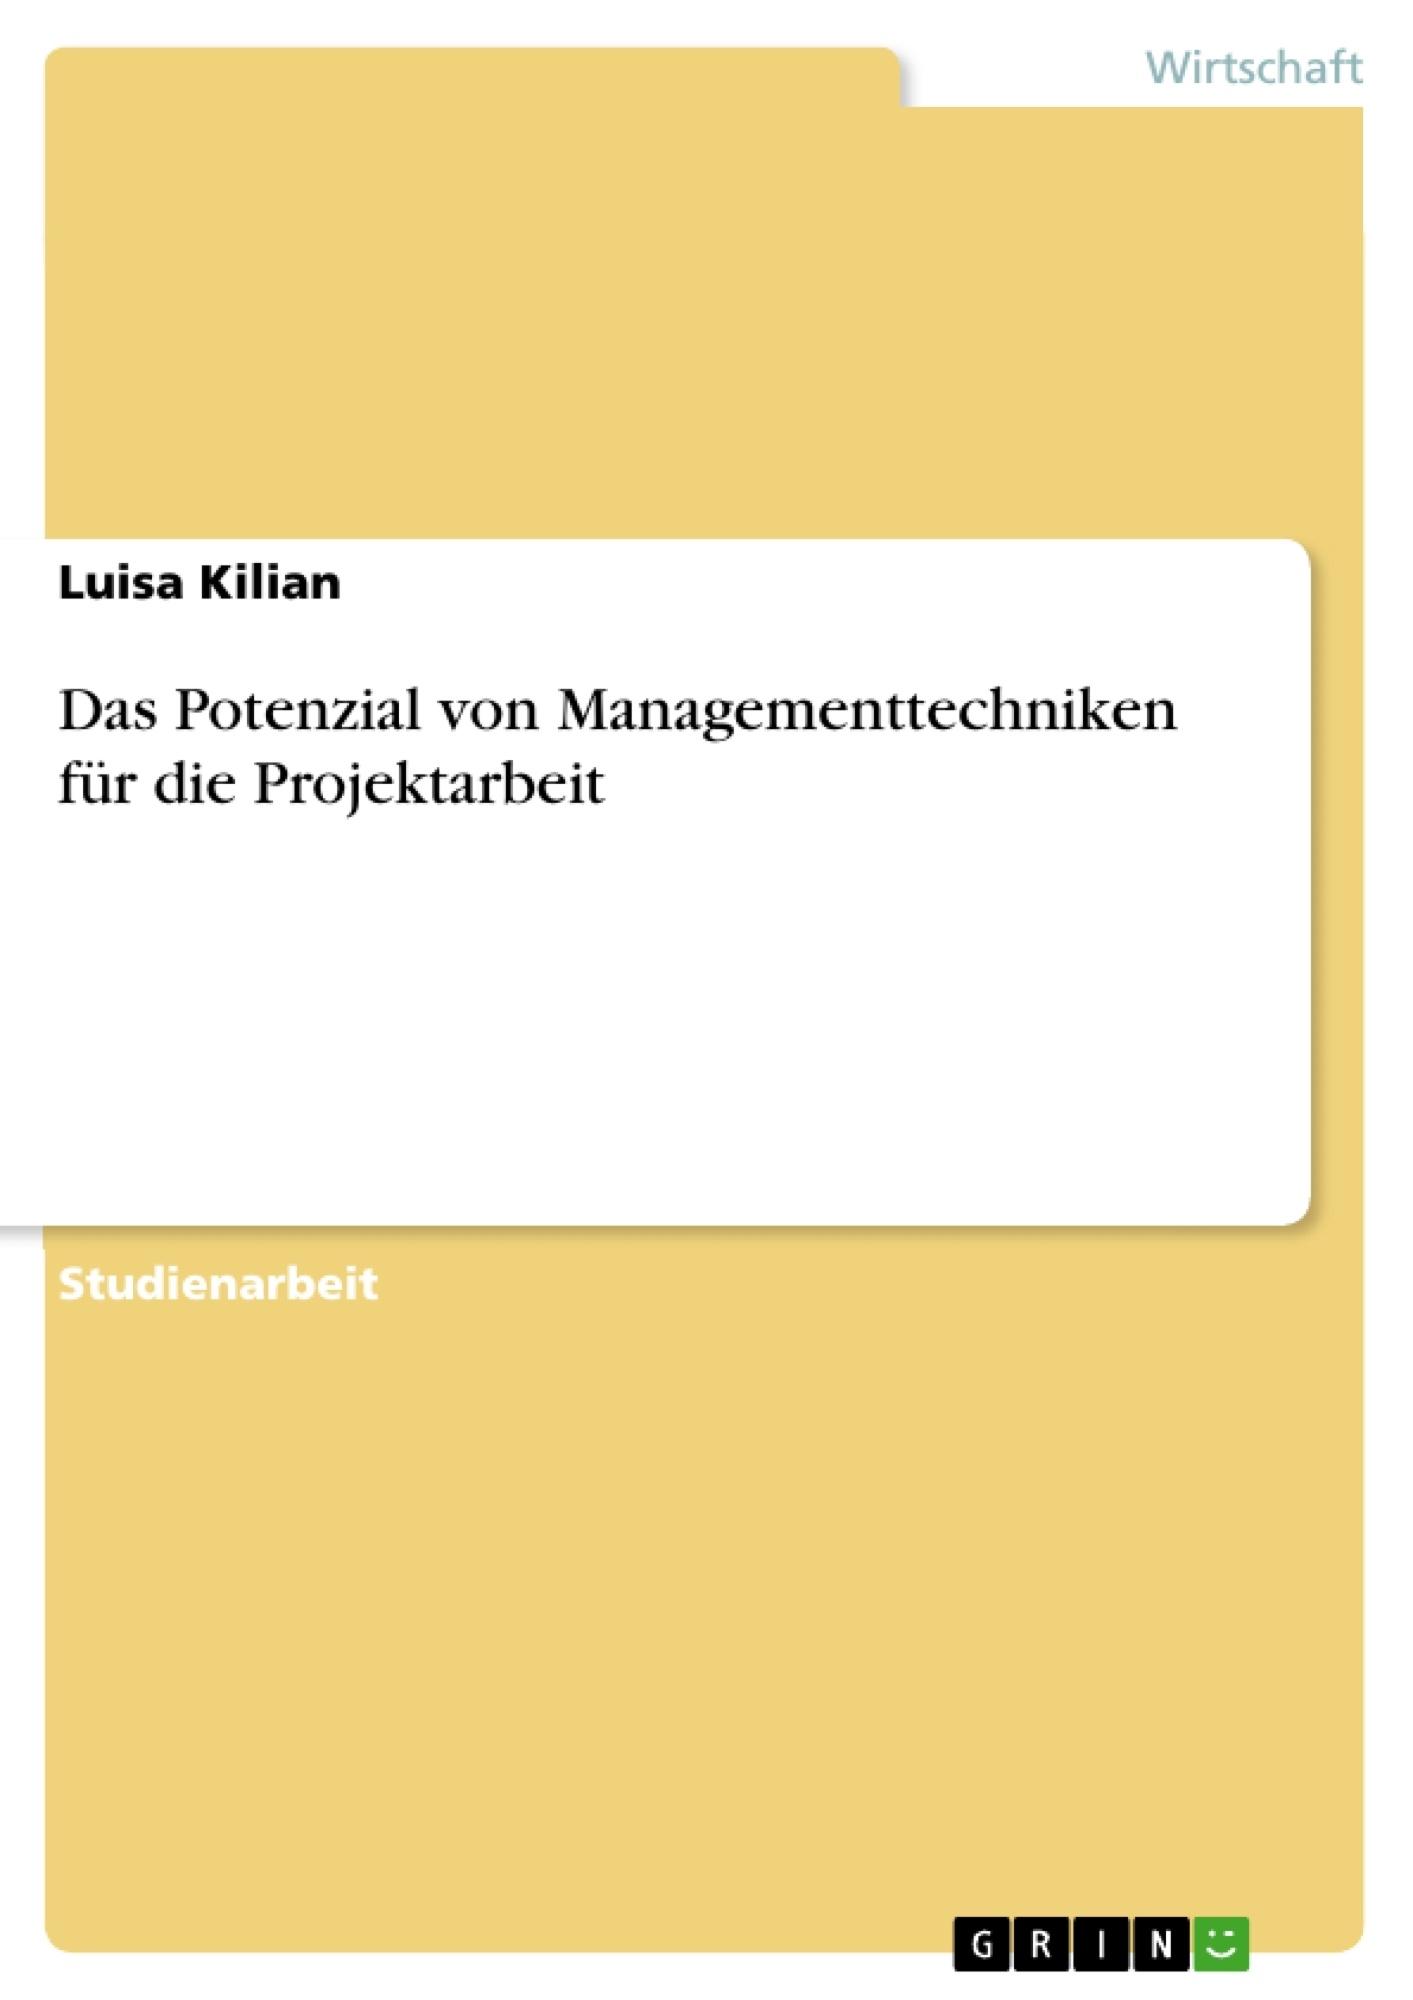 Titel: Das Potenzial von Managementtechniken für die Projektarbeit